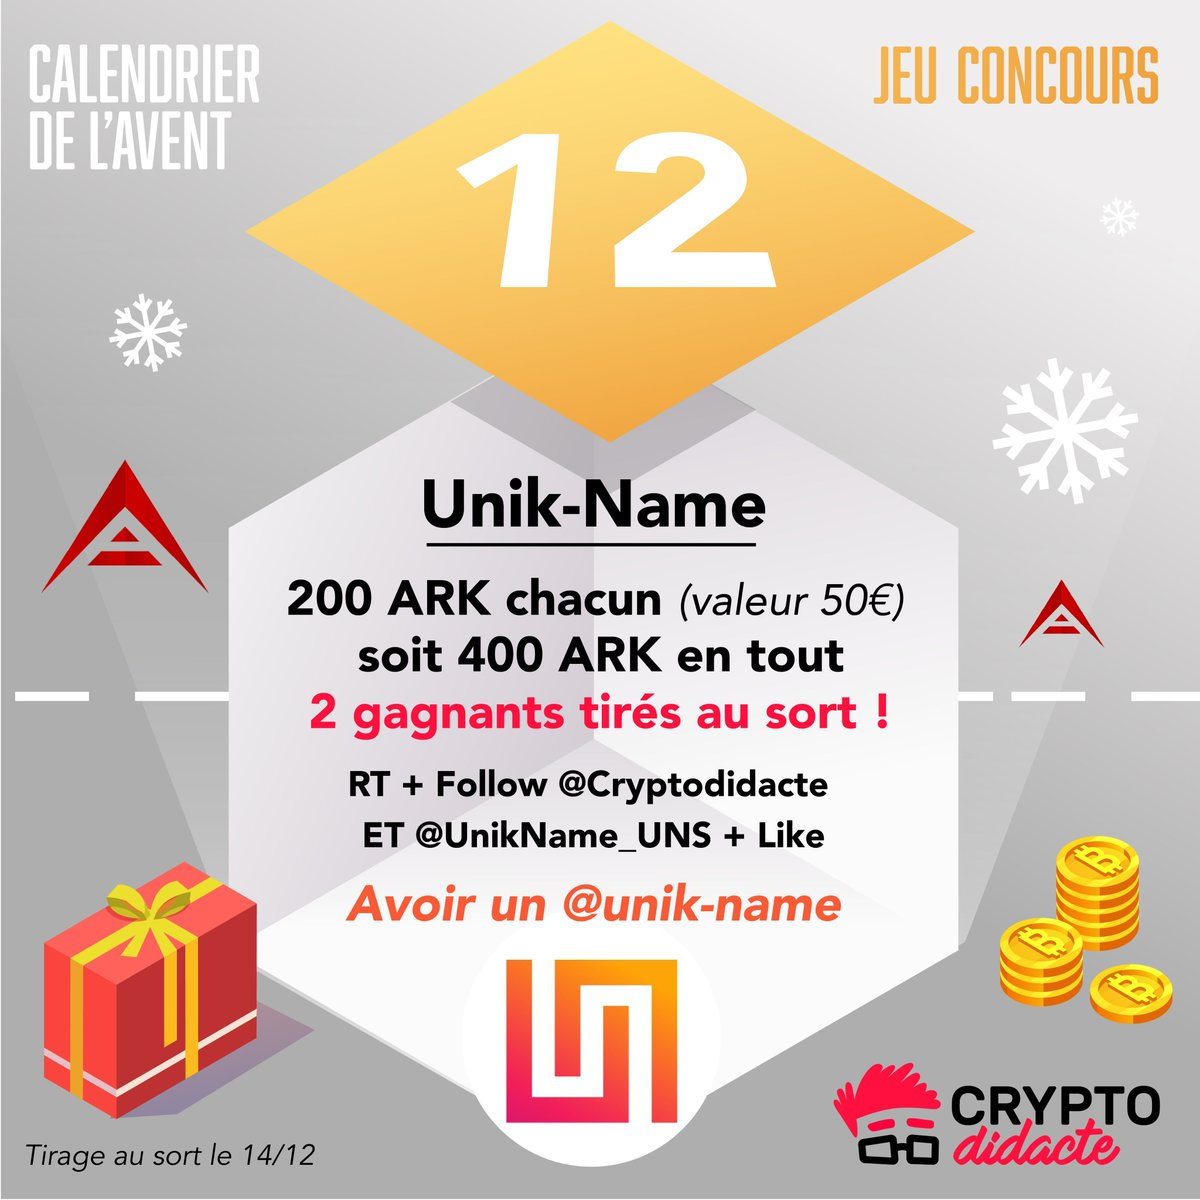 concour de cryptographie 50 a gagner pour le meilleur french edition